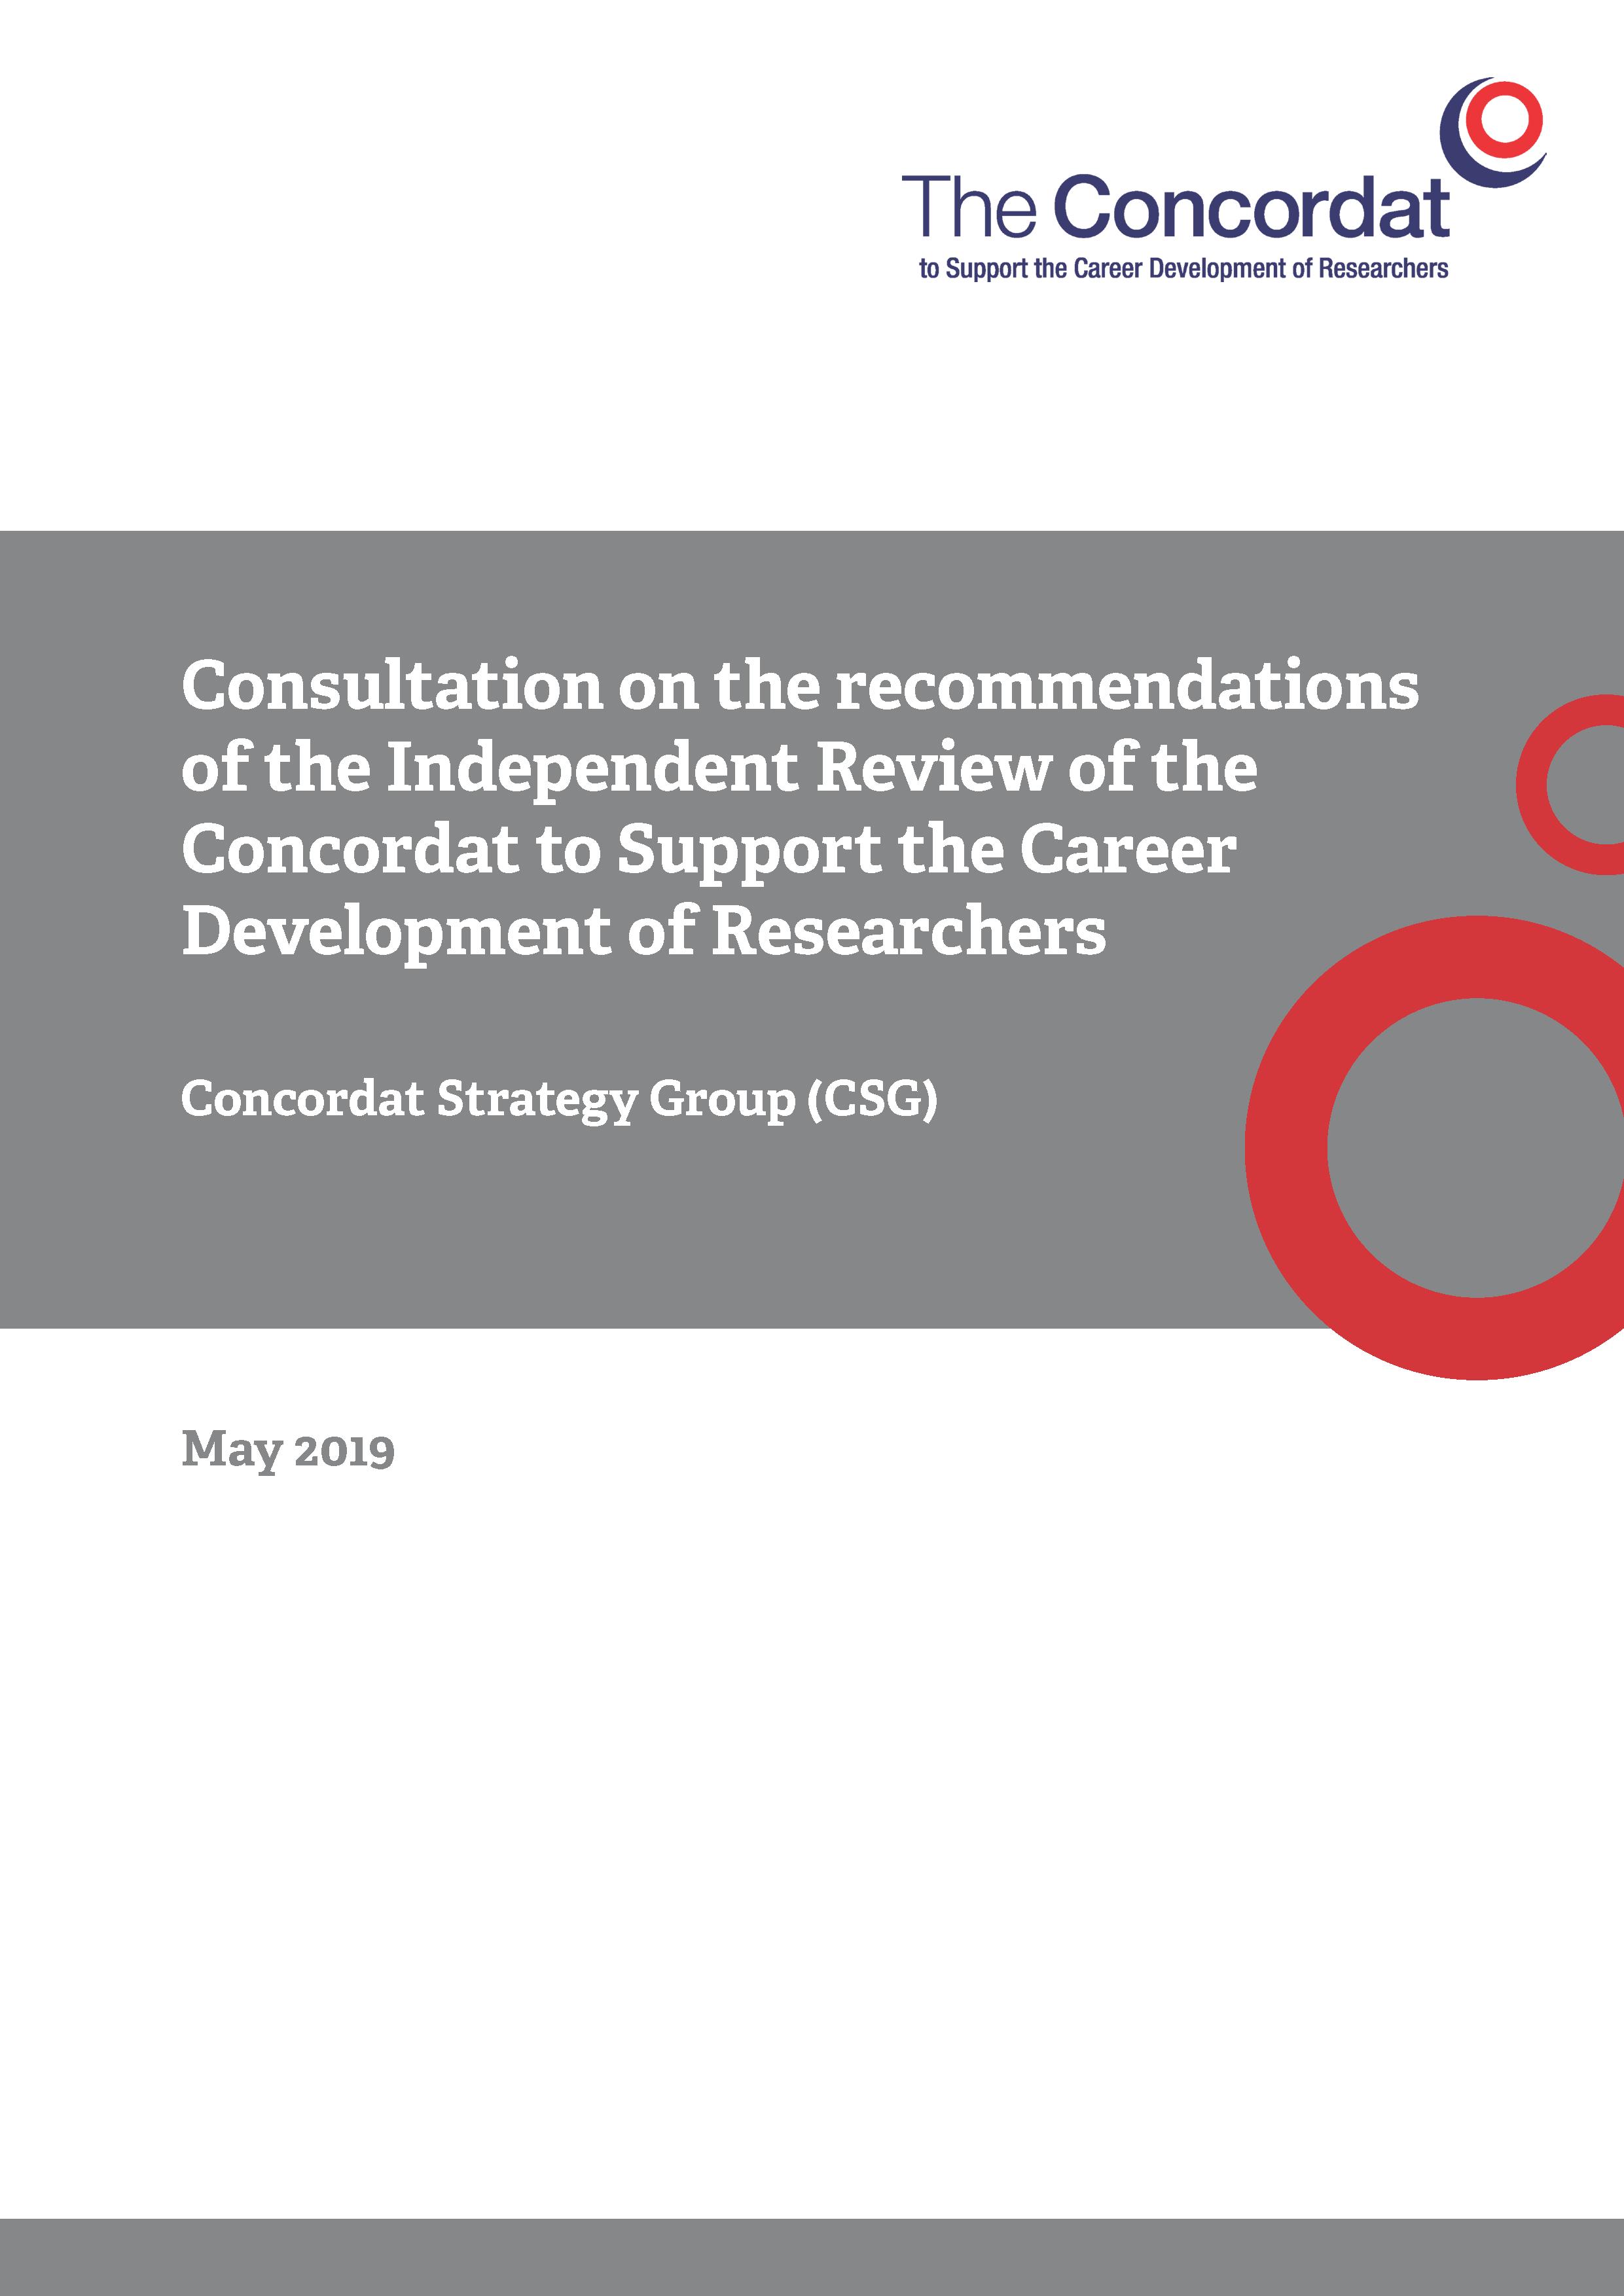 Concordat consultation